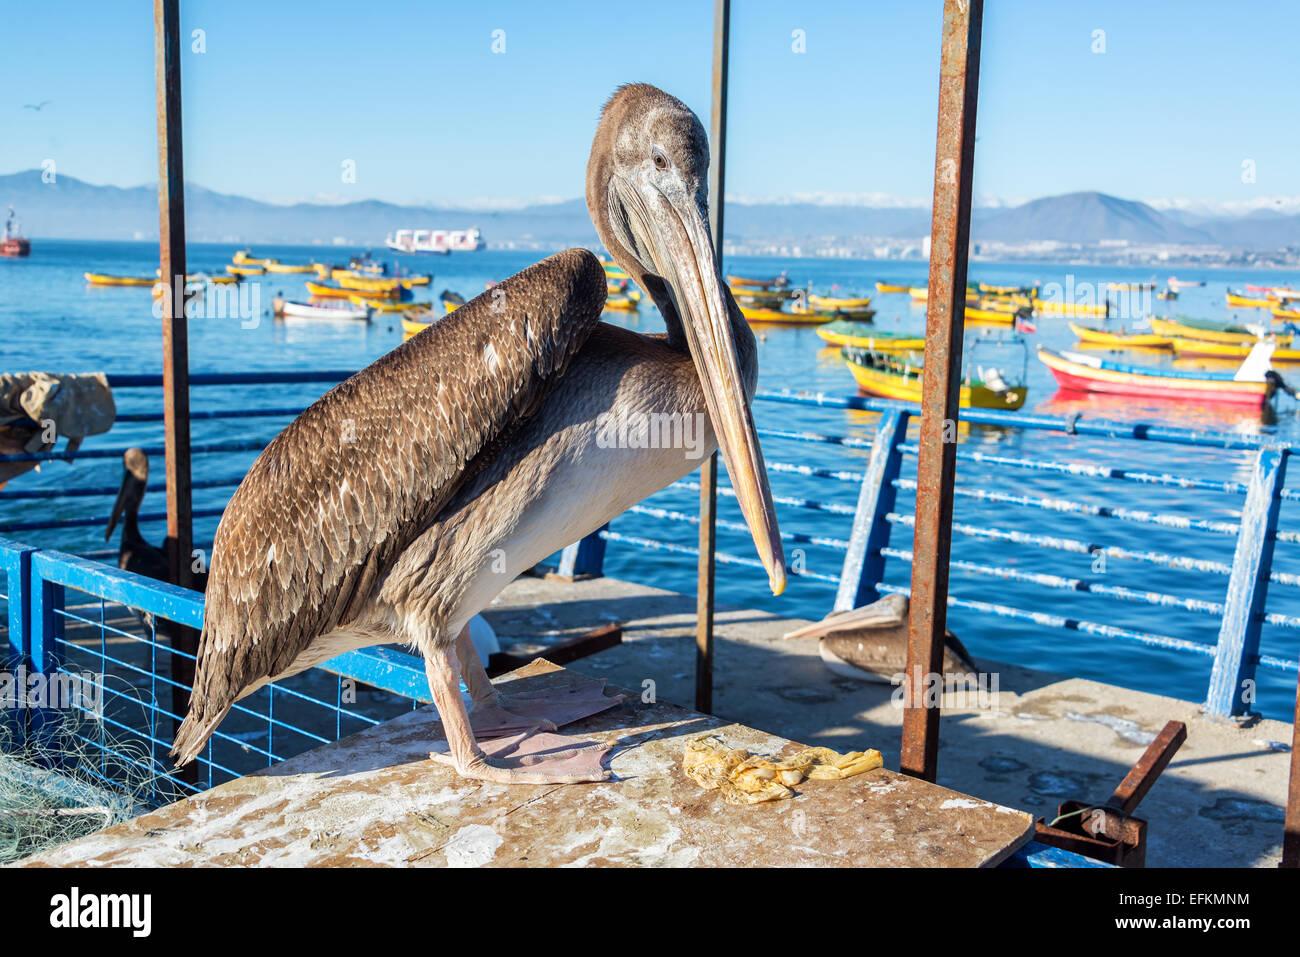 Pelican permanente con coloridos botes en el fondo en Coquimbo, Chile Imagen De Stock